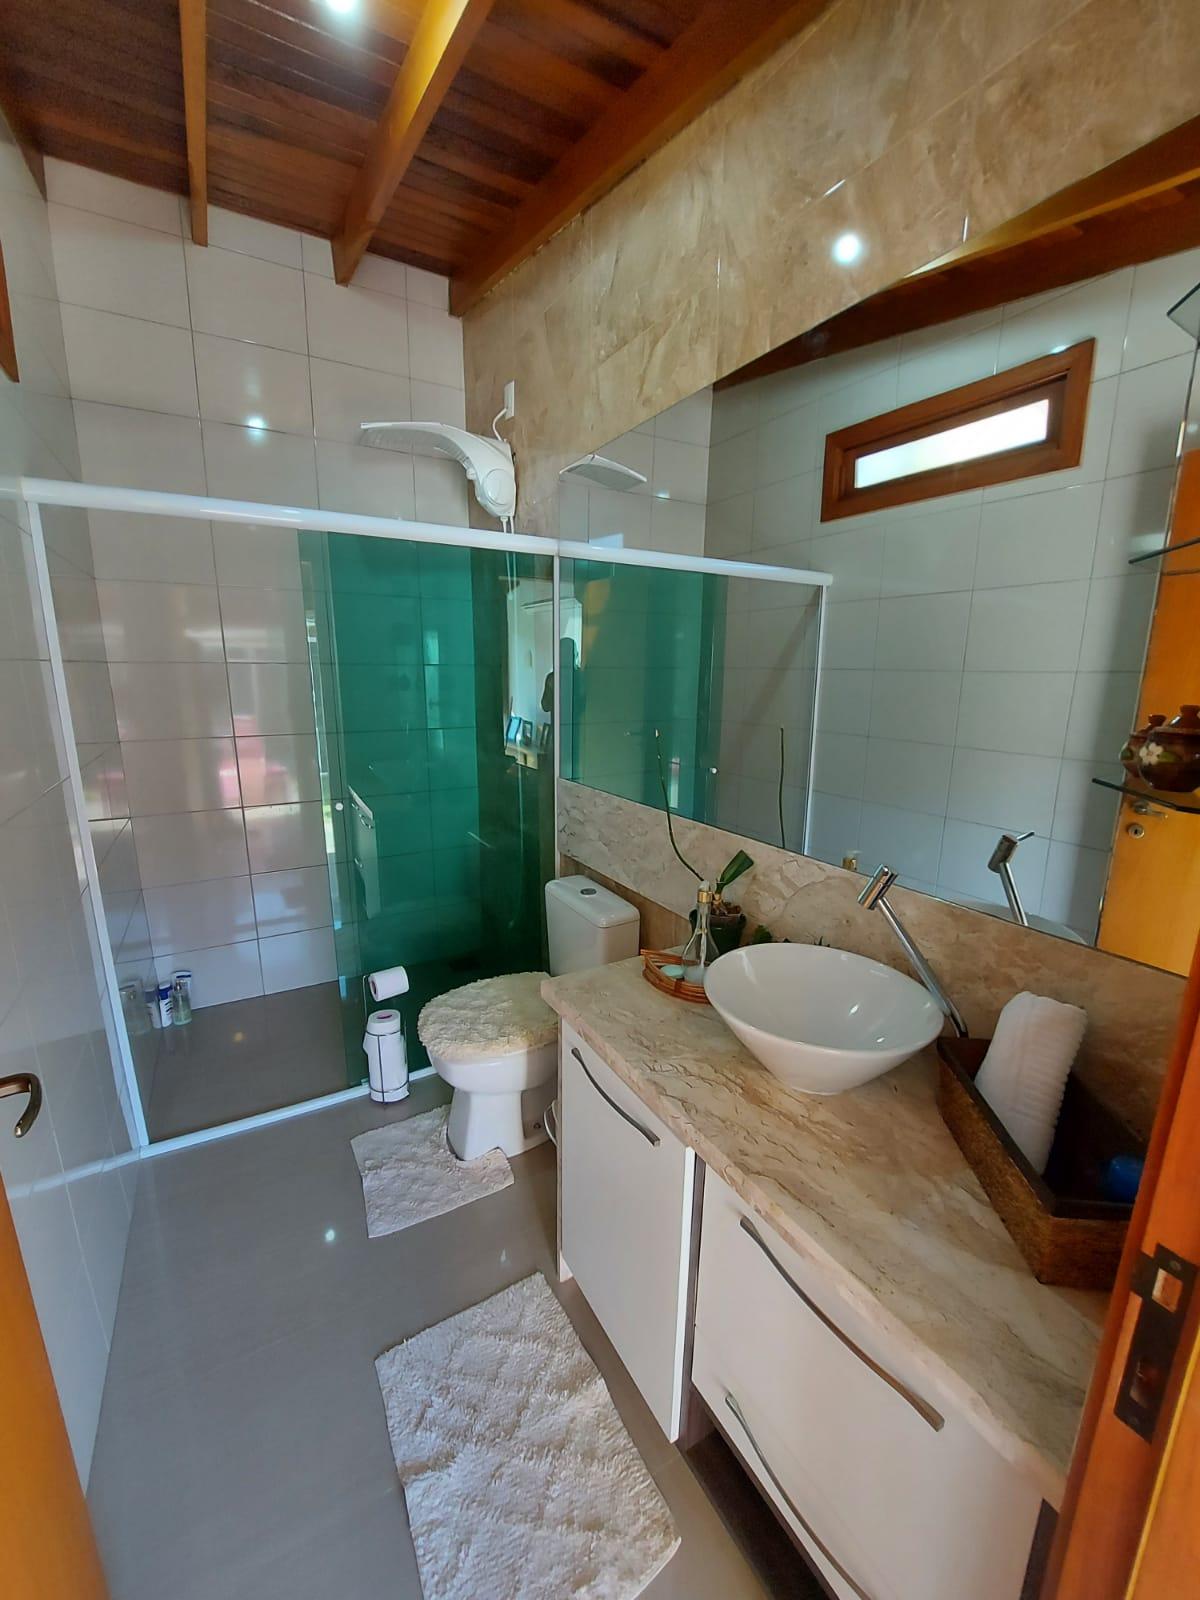 Casa / sobradoVenda em Estância Velha no bairro Rincão dos Ilhéus